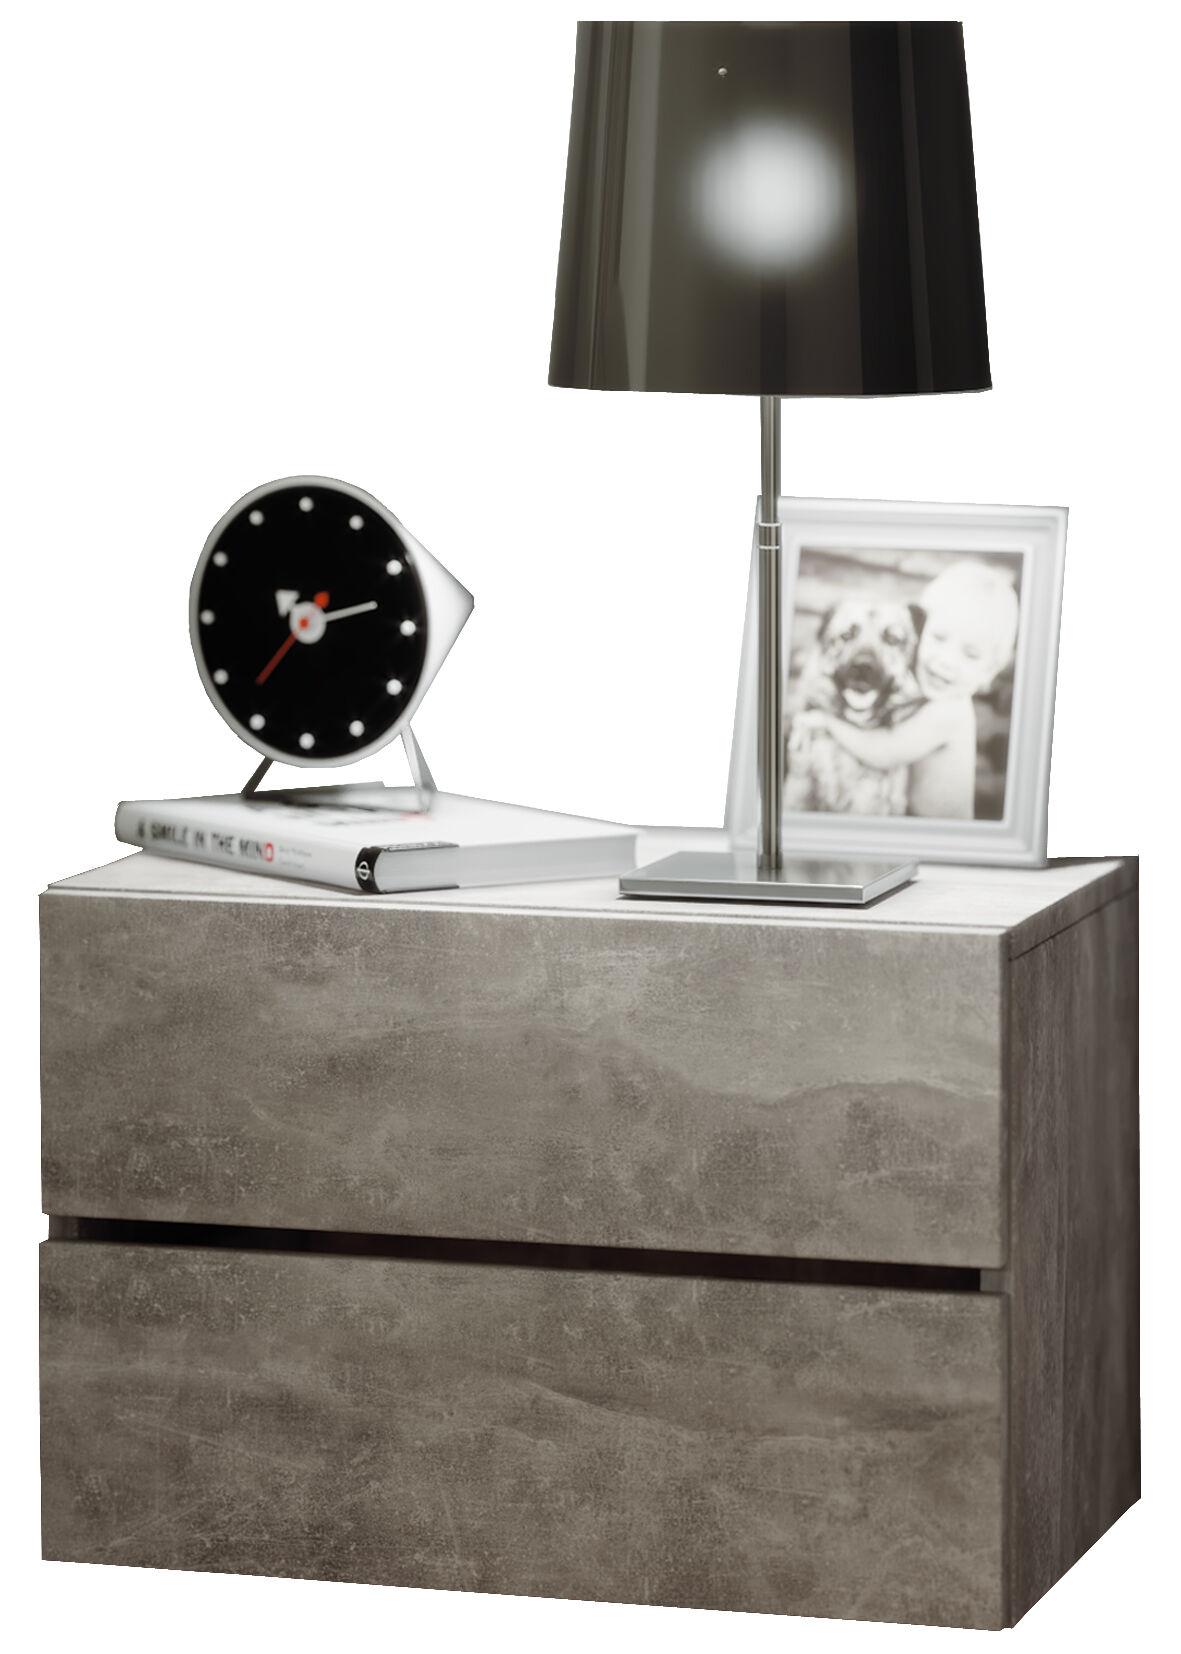 Suda konsolbord, natbord 2 skuffer væghængt, beton dekor.